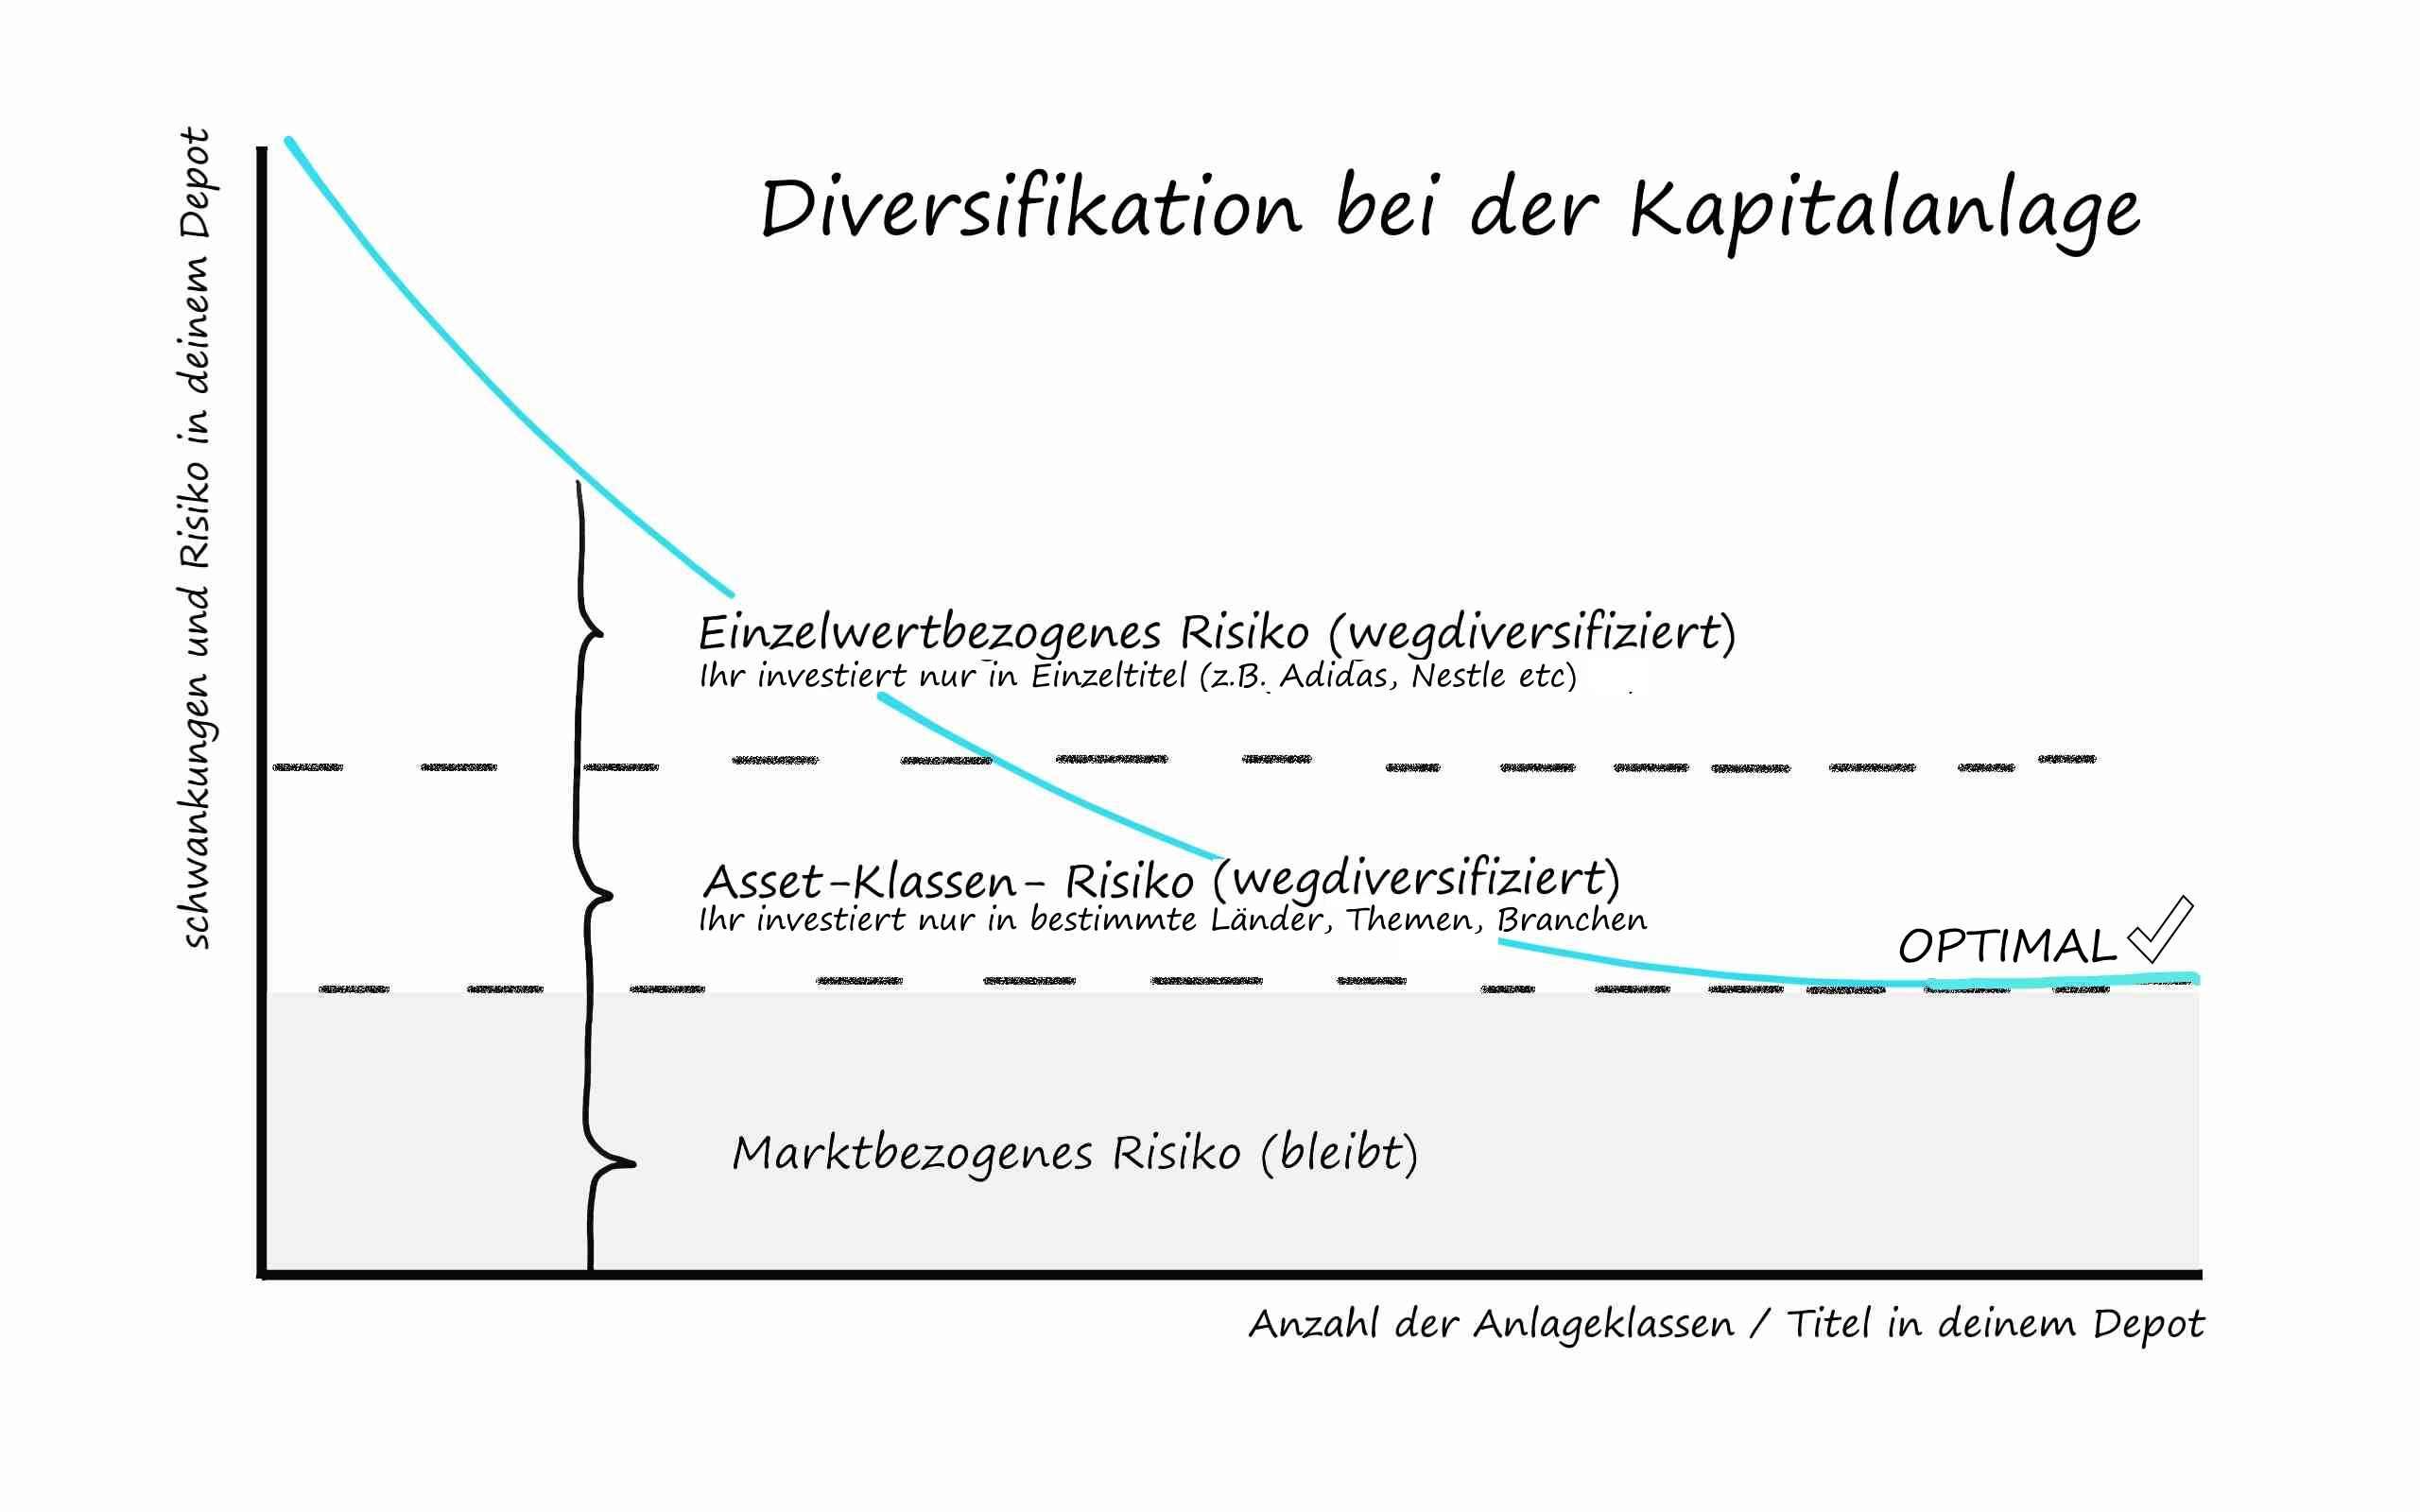 Sinnvolle Diversifikation der Kapitalanlage / Investments und deren Nutzen